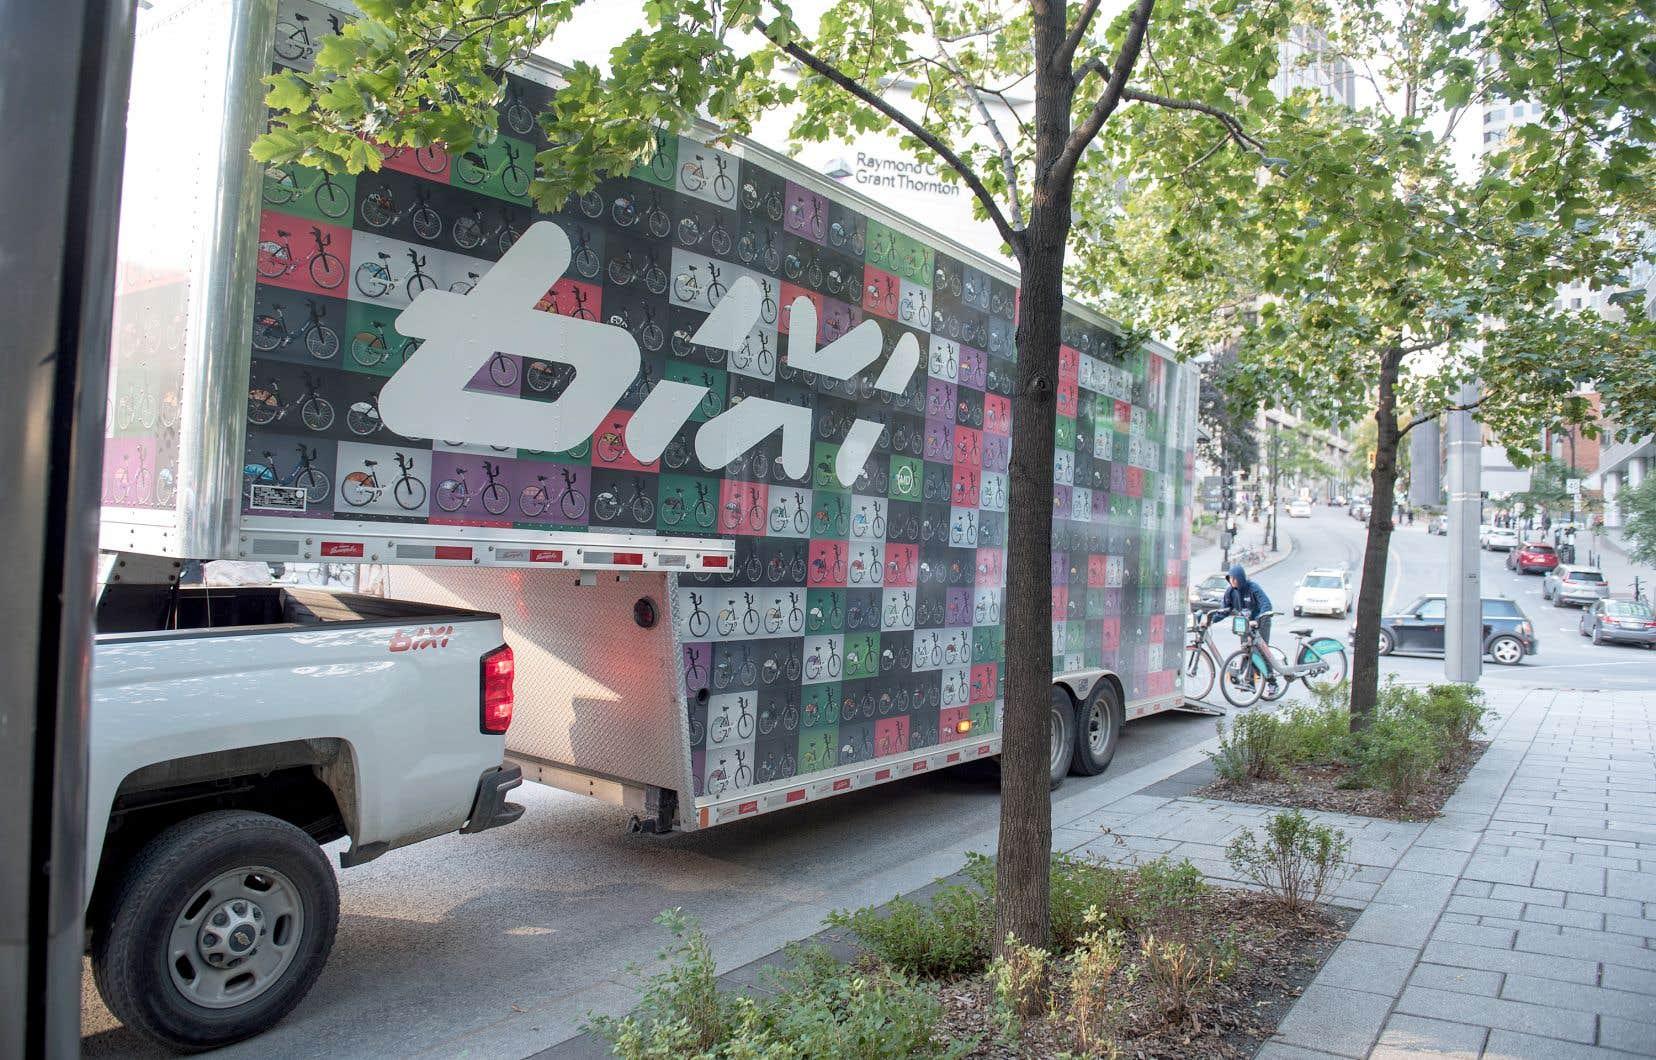 BIXI a doublé la capacité de ses camions de chargement grâce à une judicieuse plateforme, une technologie développée en collaboration avec Précisions Provençal, une entreprise beauceronne.